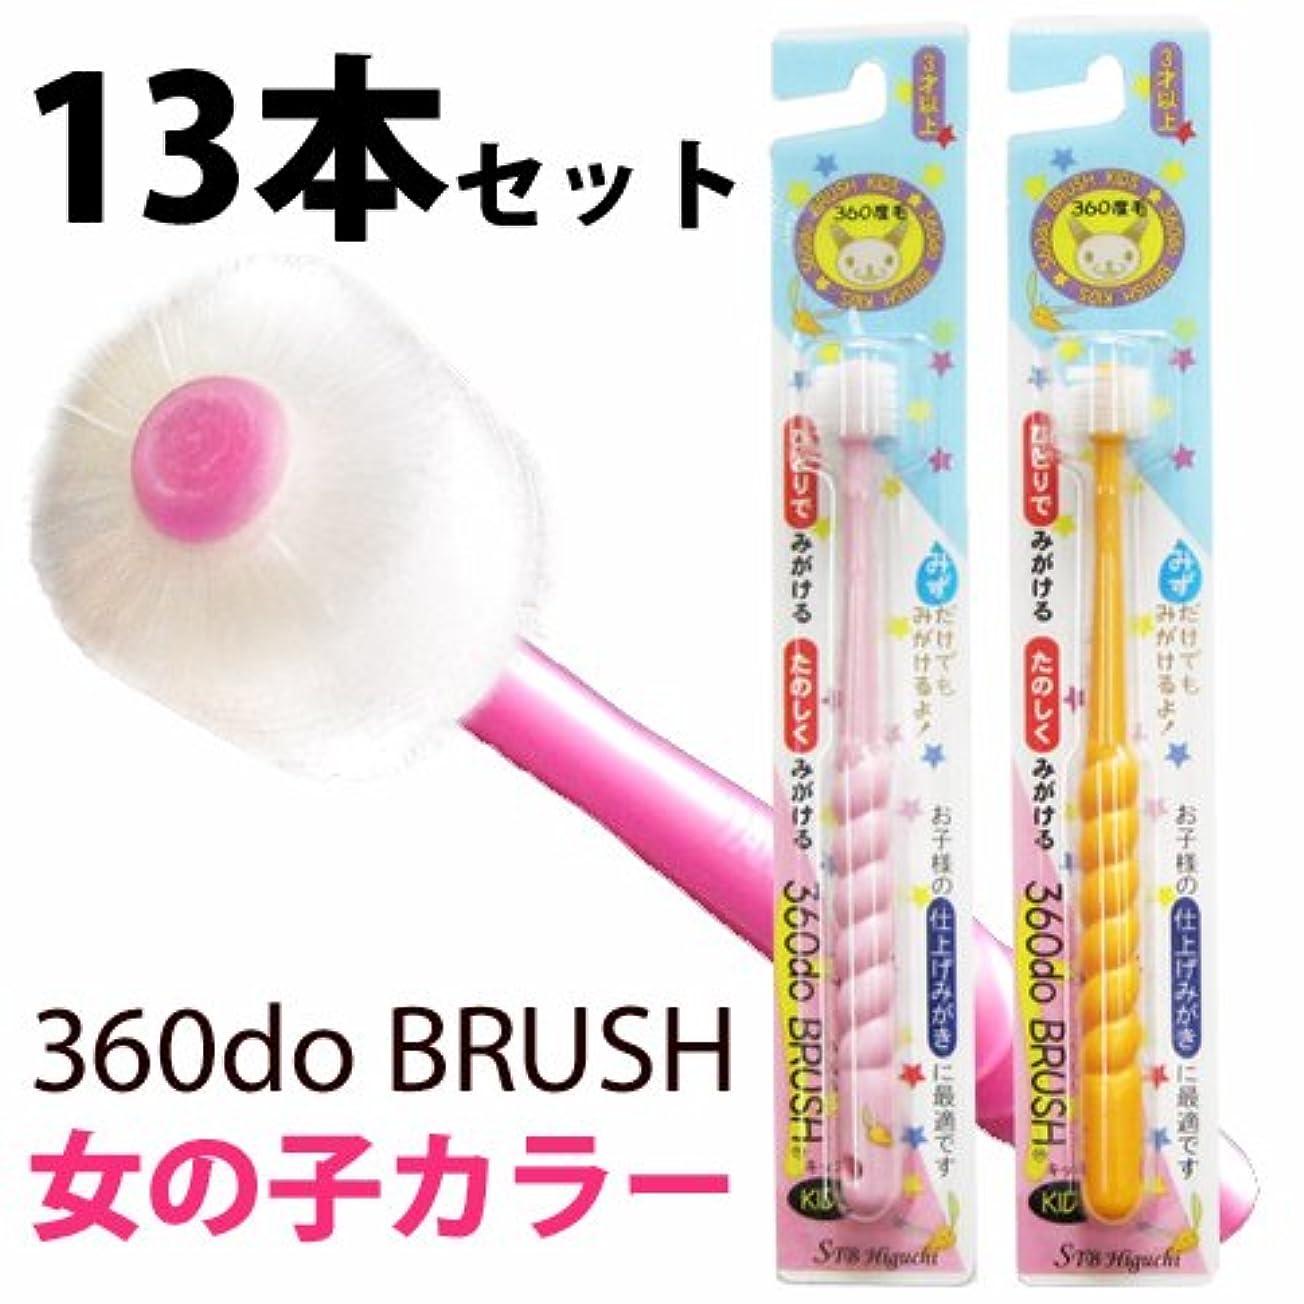 保護凍結早い360do BRUSH 360度歯ブラシ キッズ 女の子用 13本セット